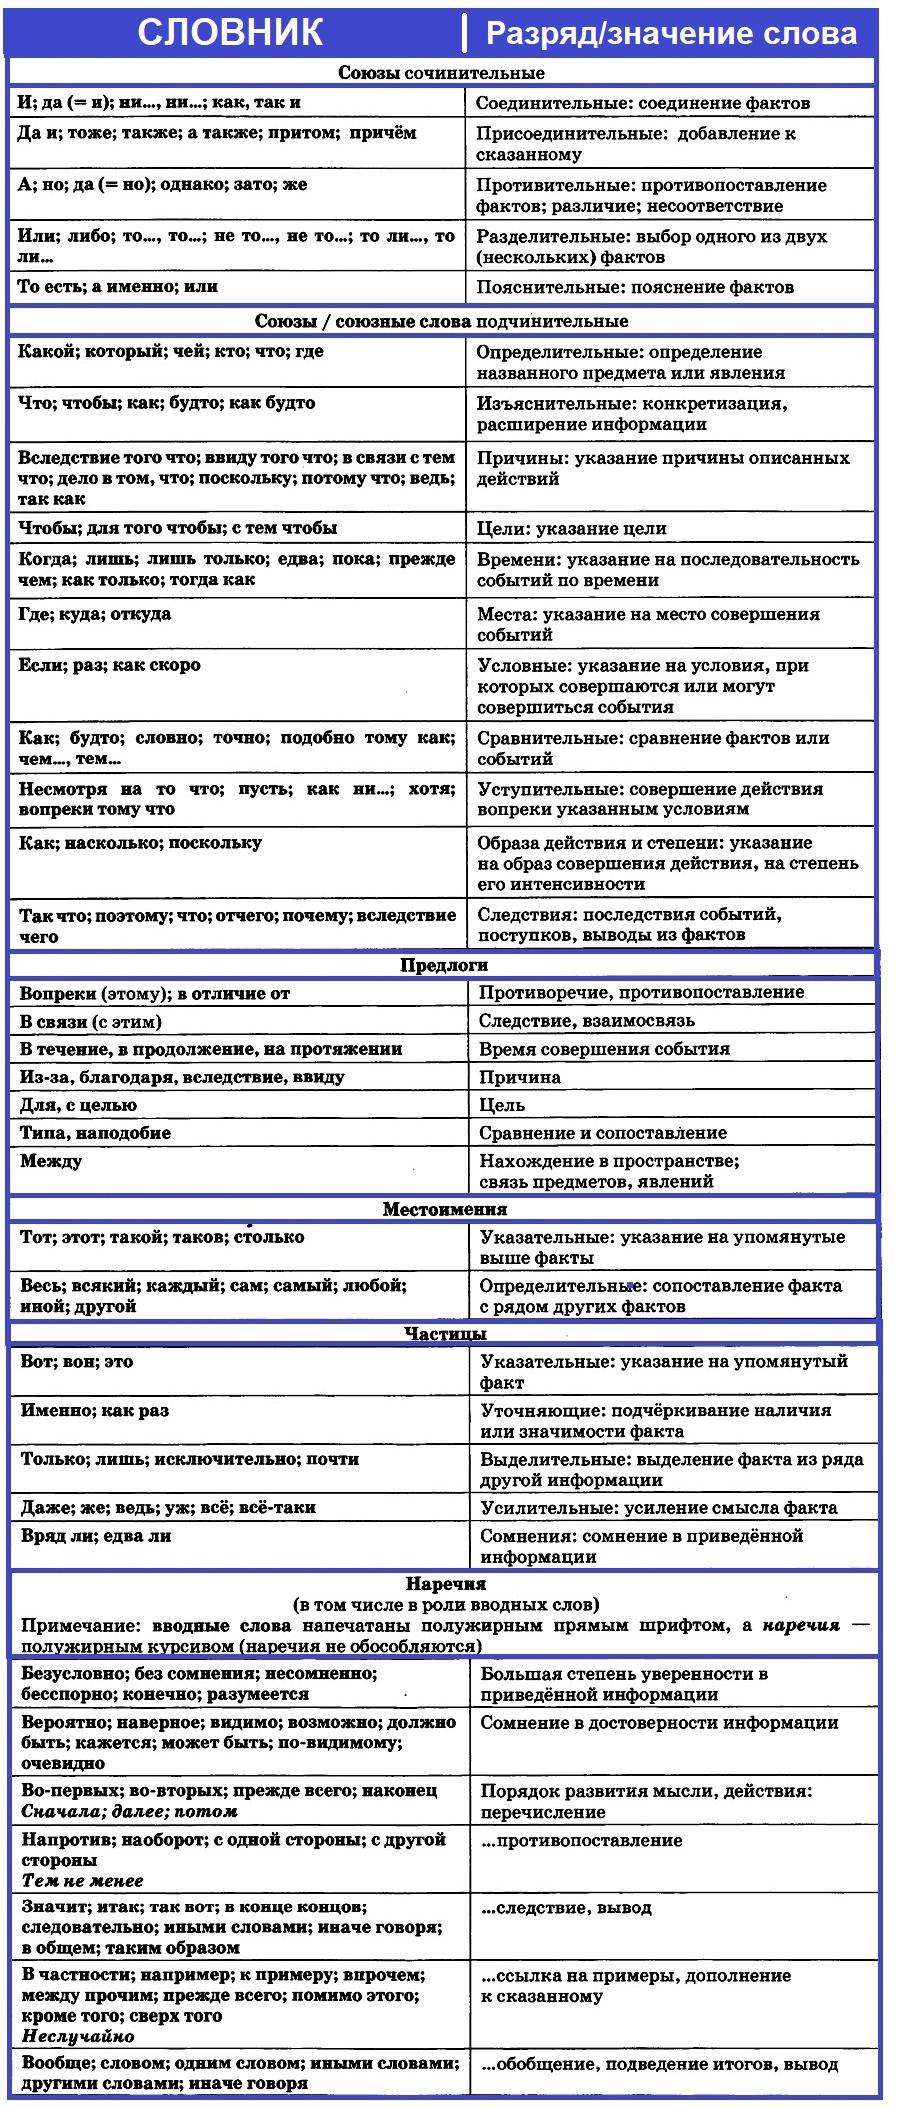 ЕГЭ по русскому языку. Задания 1-3